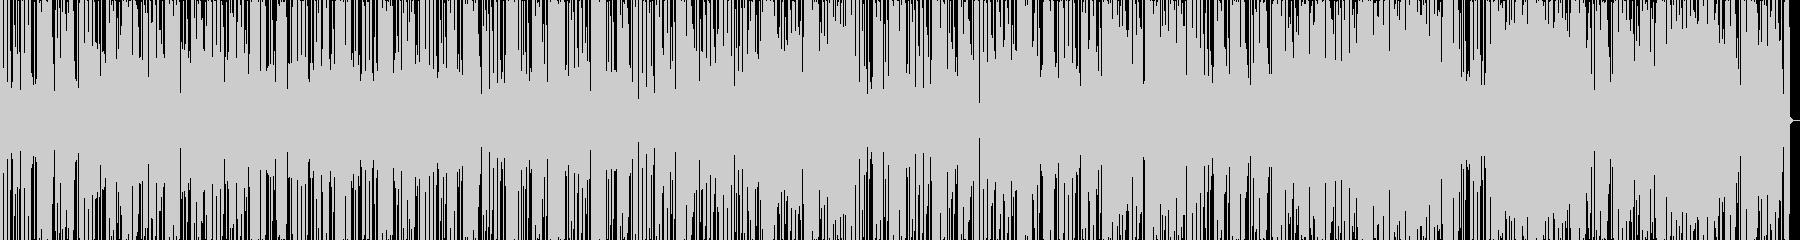 ファンキーなリズムな曲です。の未再生の波形